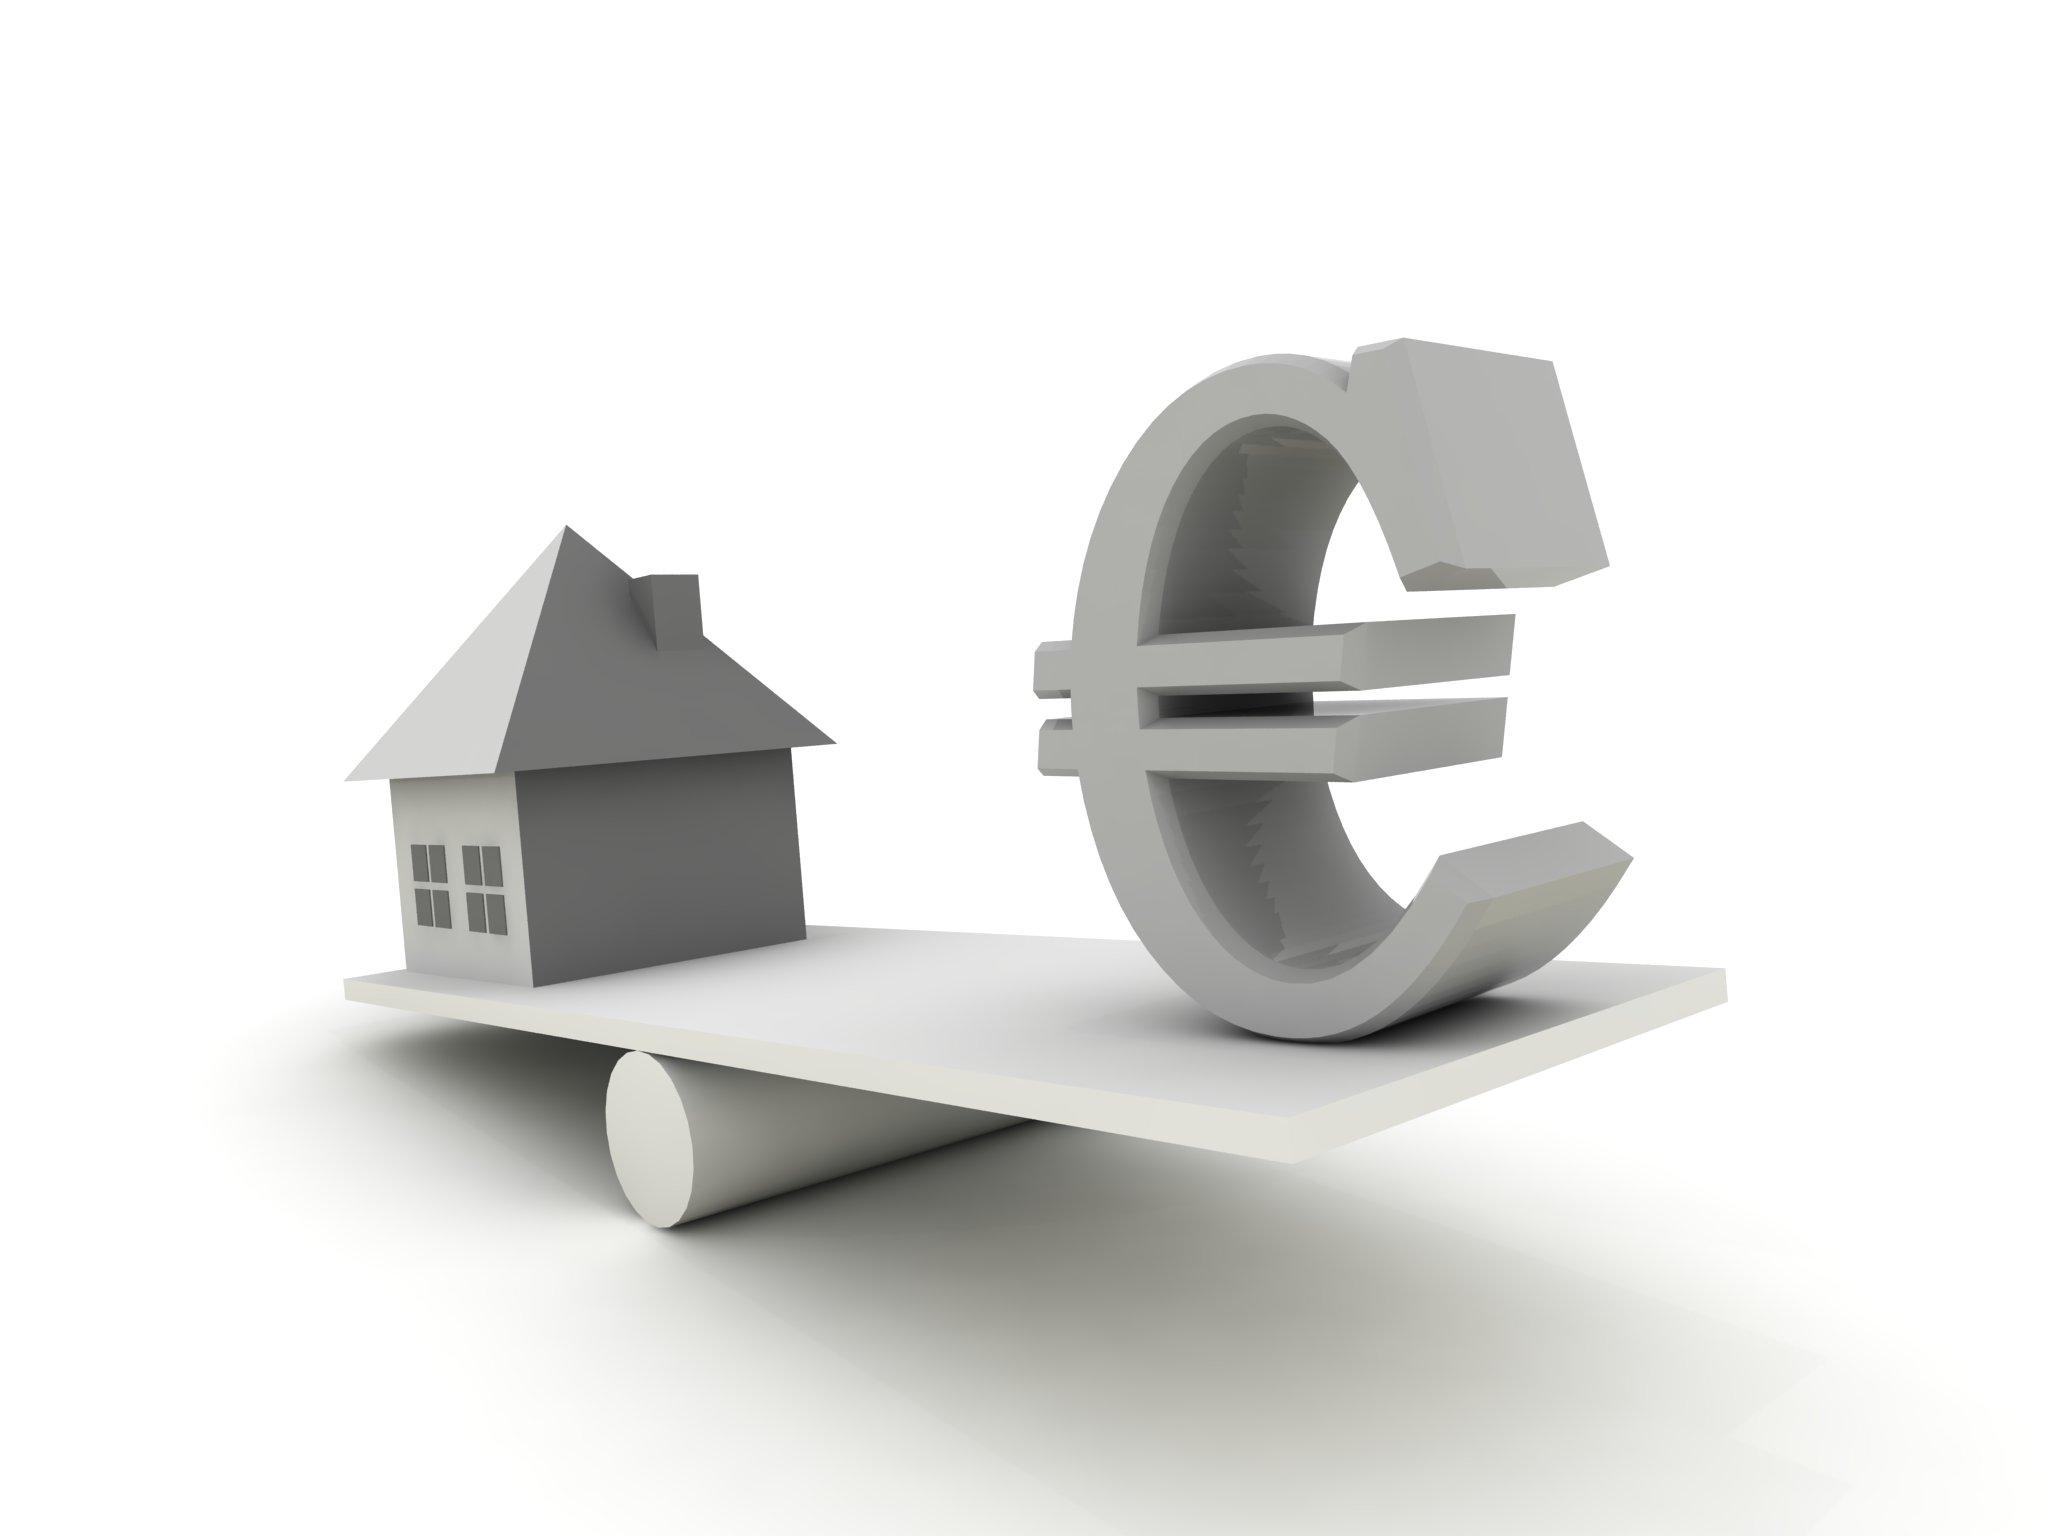 Sospendere le rate del mutuo fino al 31 marzo possibile - Mutuo prima casa condizioni ...